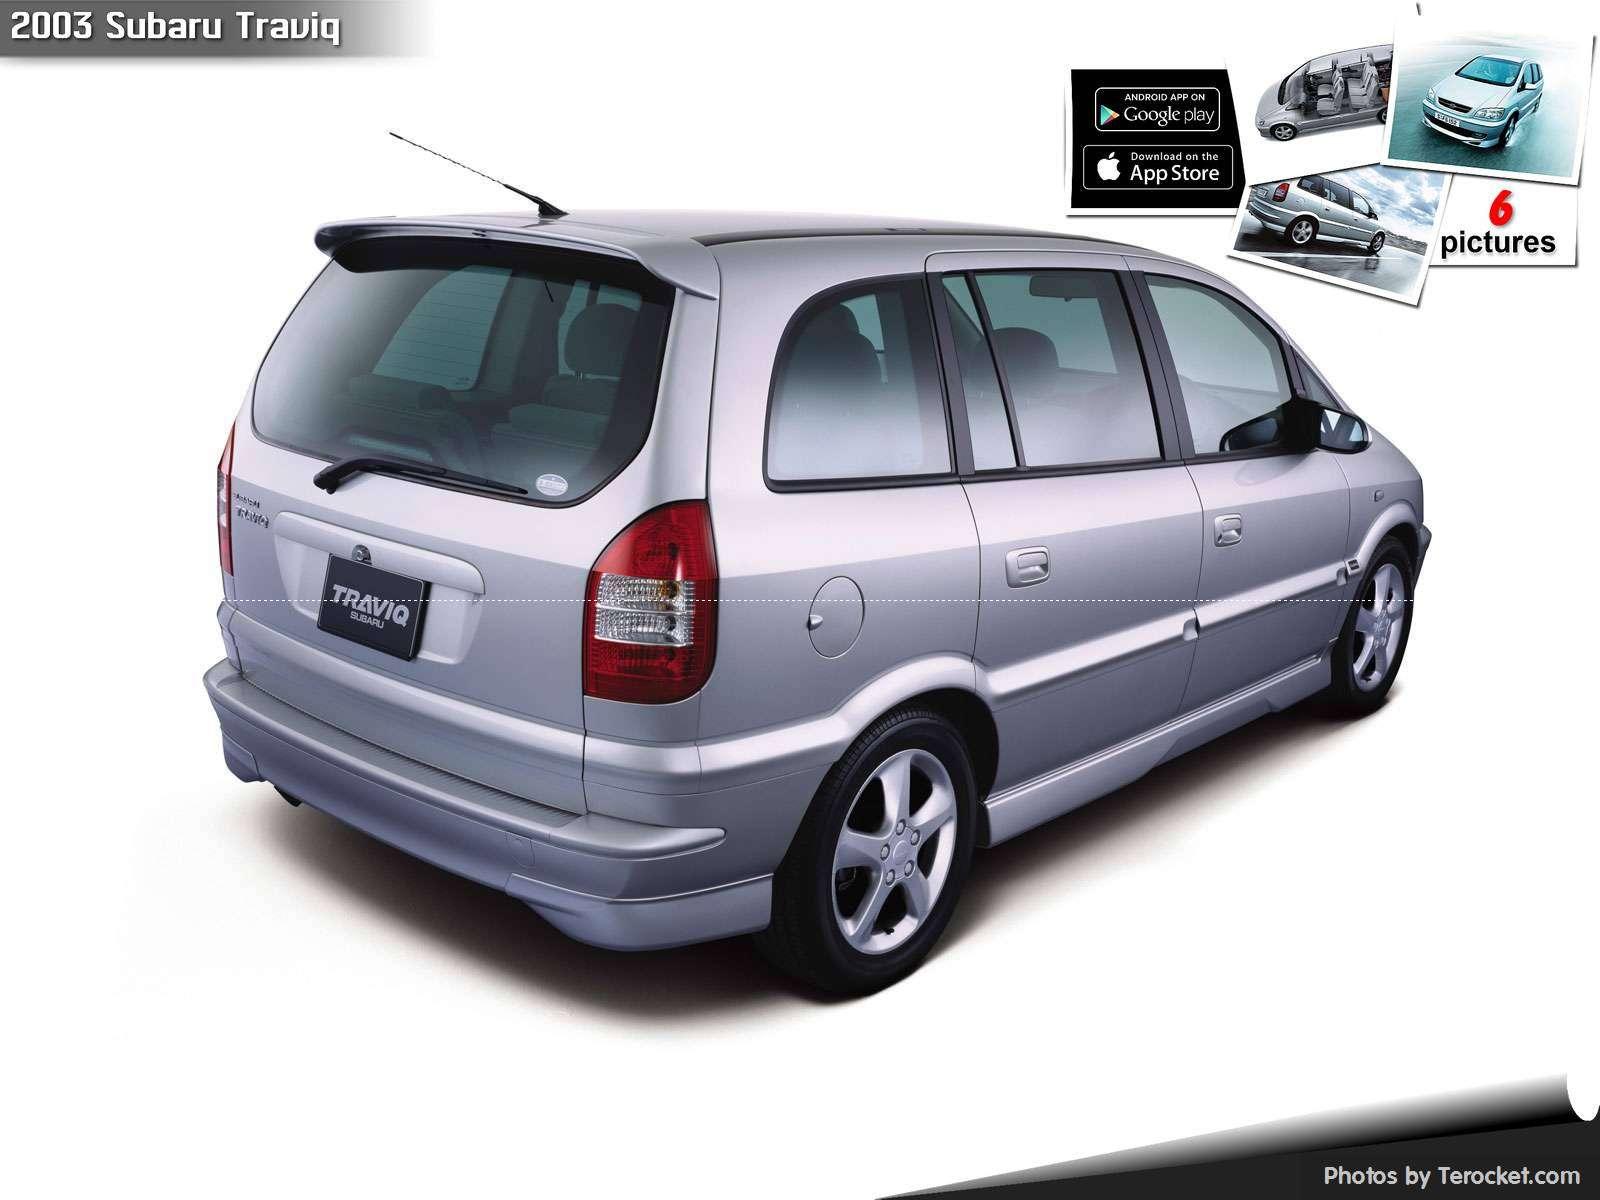 Hình ảnh xe ô tô Subaru Traviq 2003 & nội ngoại thất